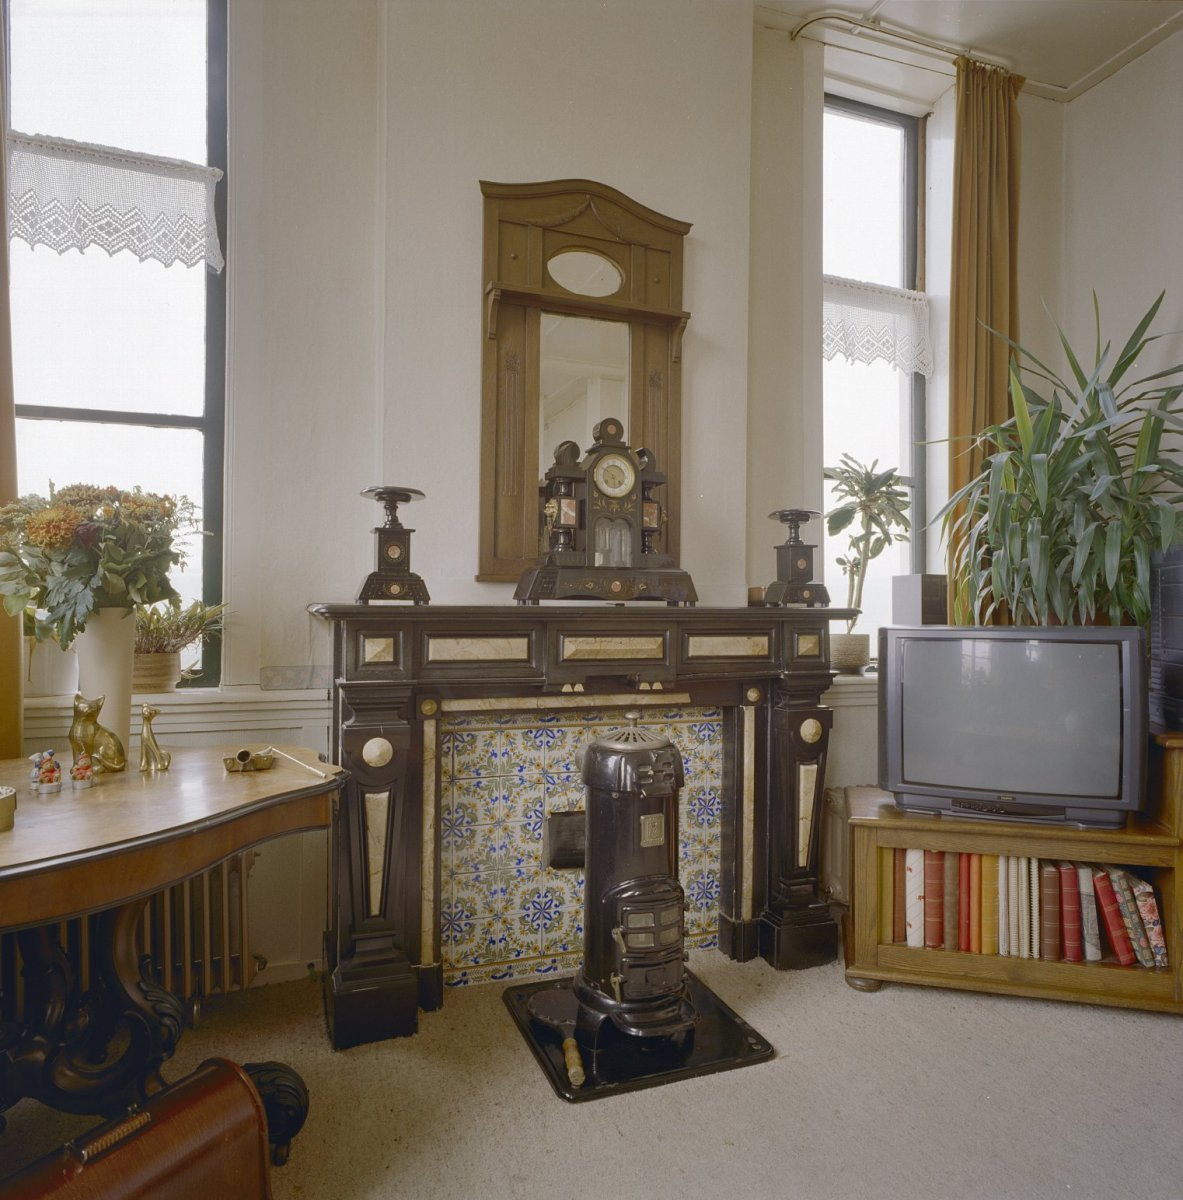 File interieur schouw met gietijzeren potkachel in de woonkamer heijningen 20337288 - Interieur woonkamer ...